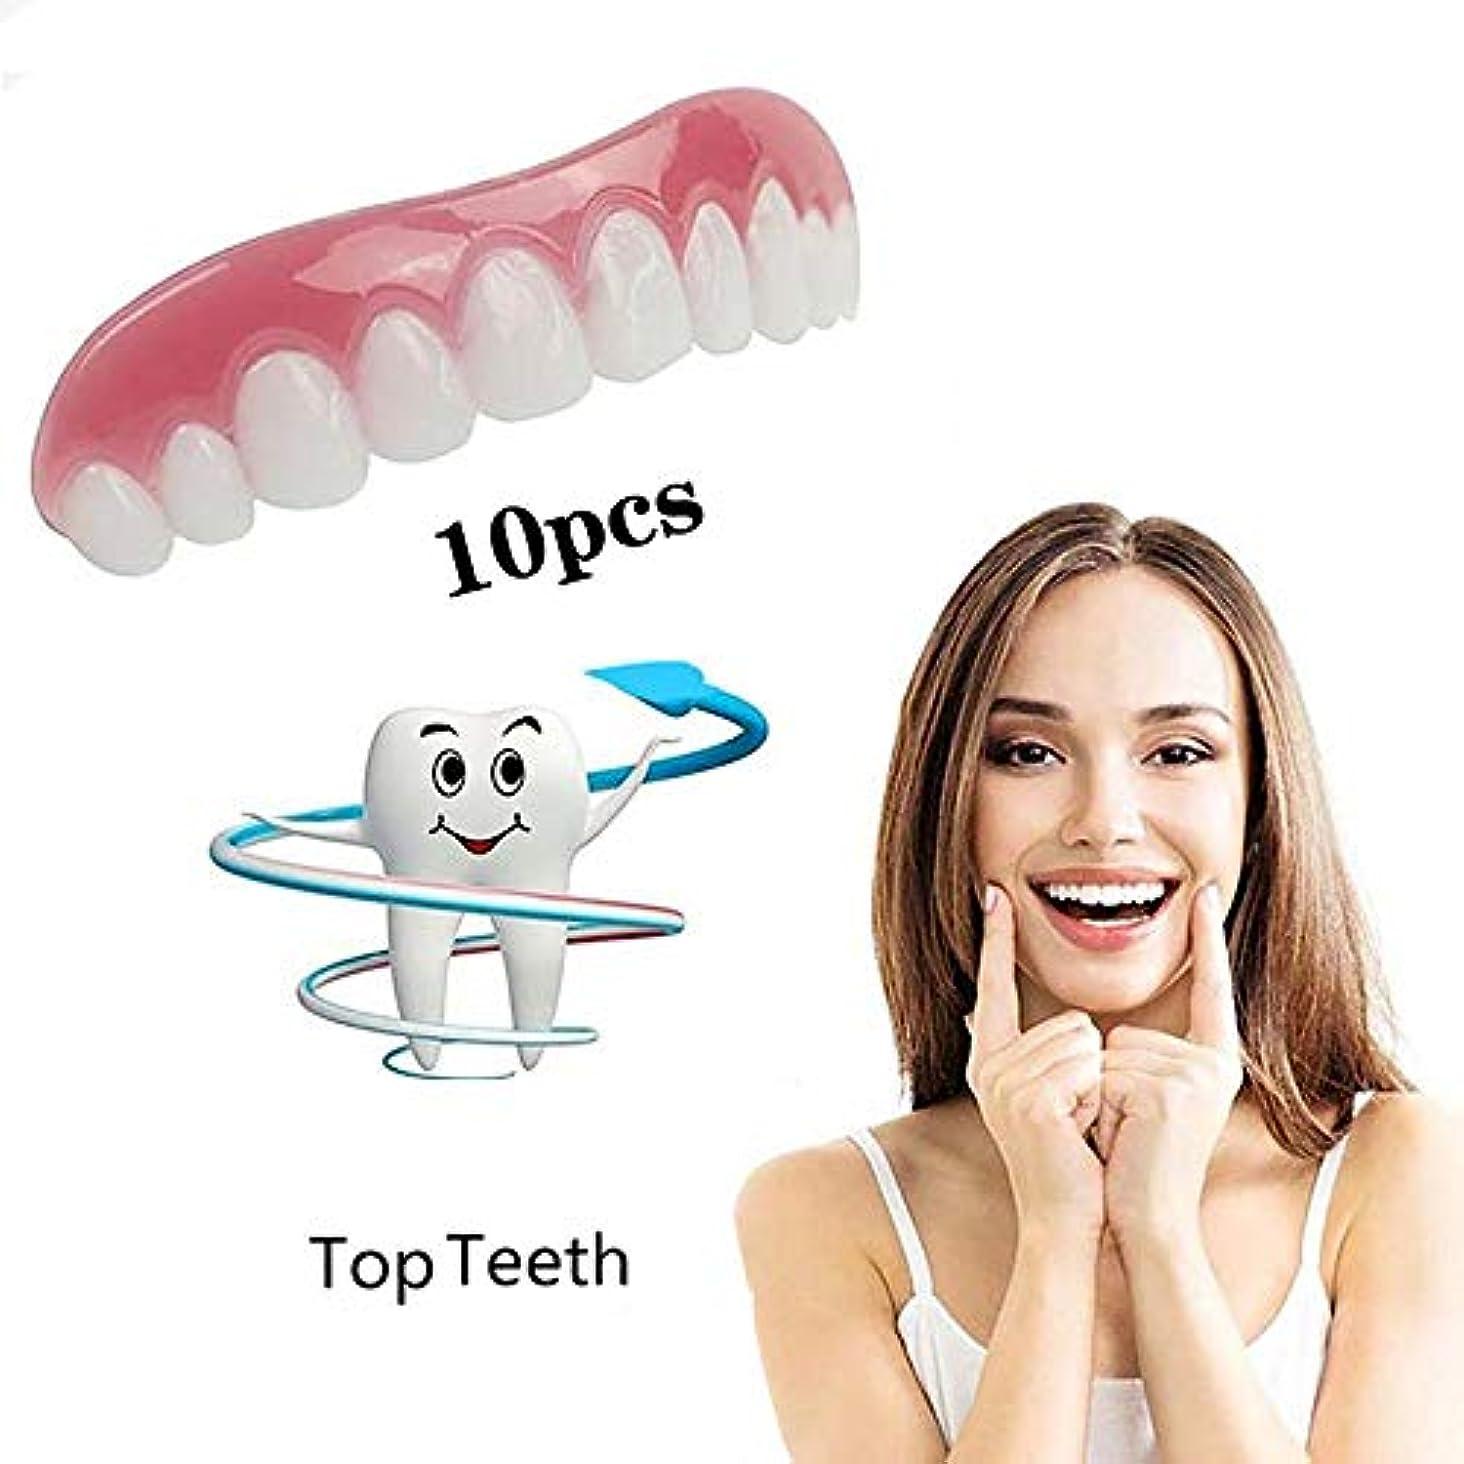 匿名経歴役立つ10個偽の歯アッパー偽の偽の歯カバースナップオン即時の歯の化粧品義歯のケアオーラルケアシリコーンホワイトニング義歯